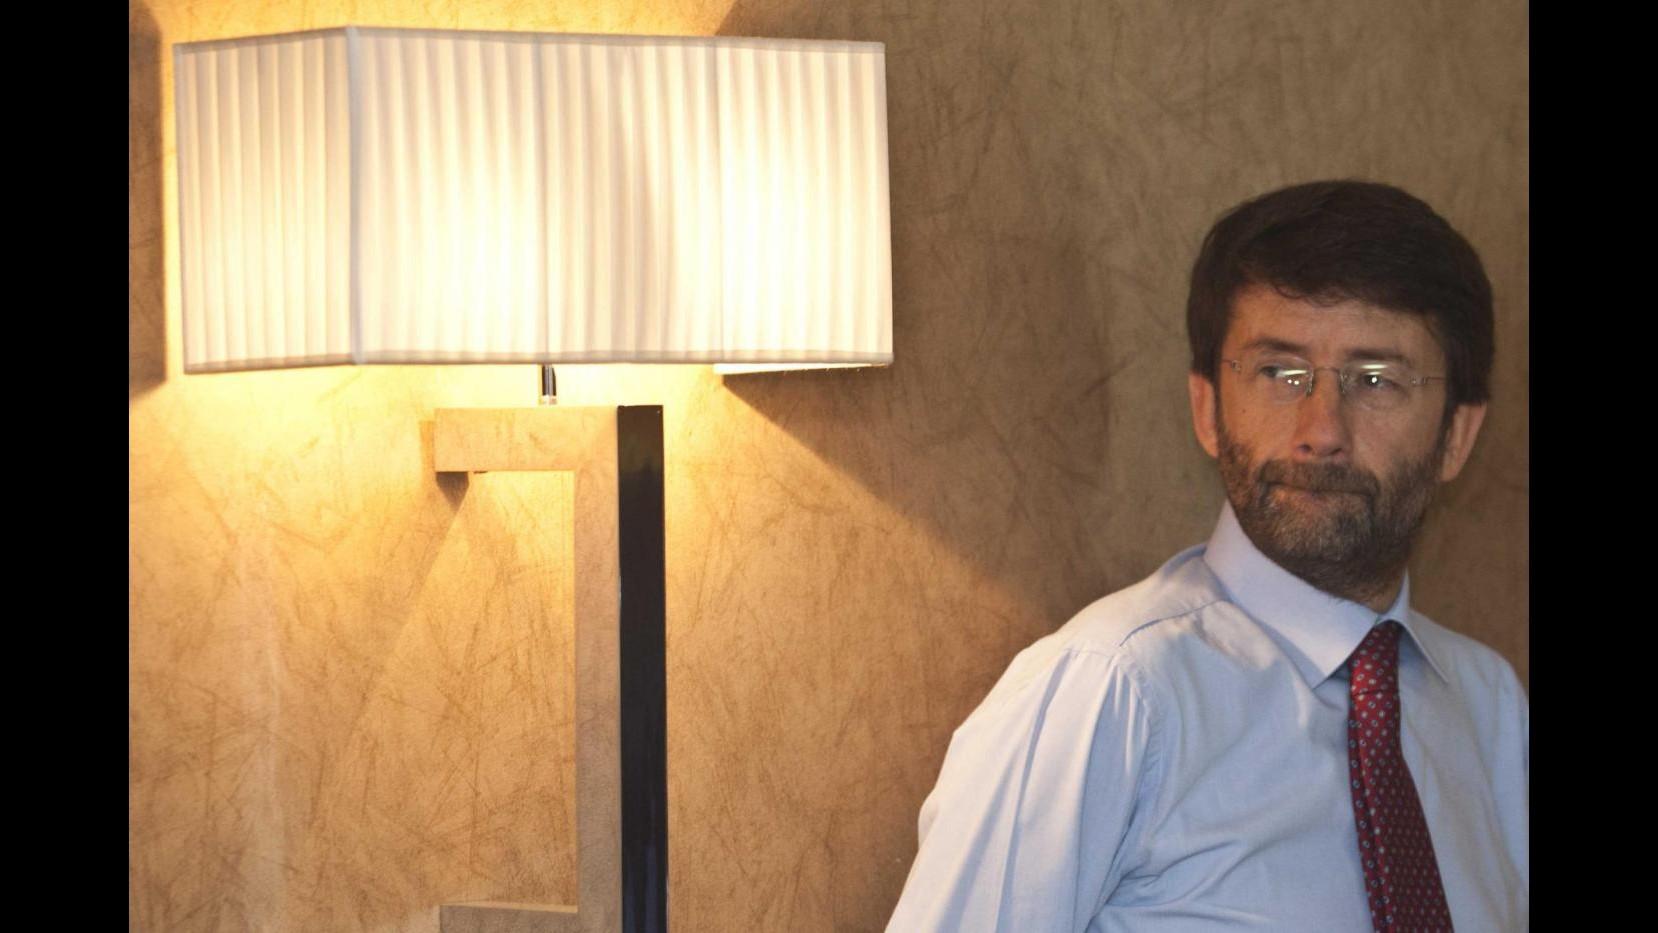 Governo, Franceschini: Nessun rimpasto a orizzonte, sì rafforzamento